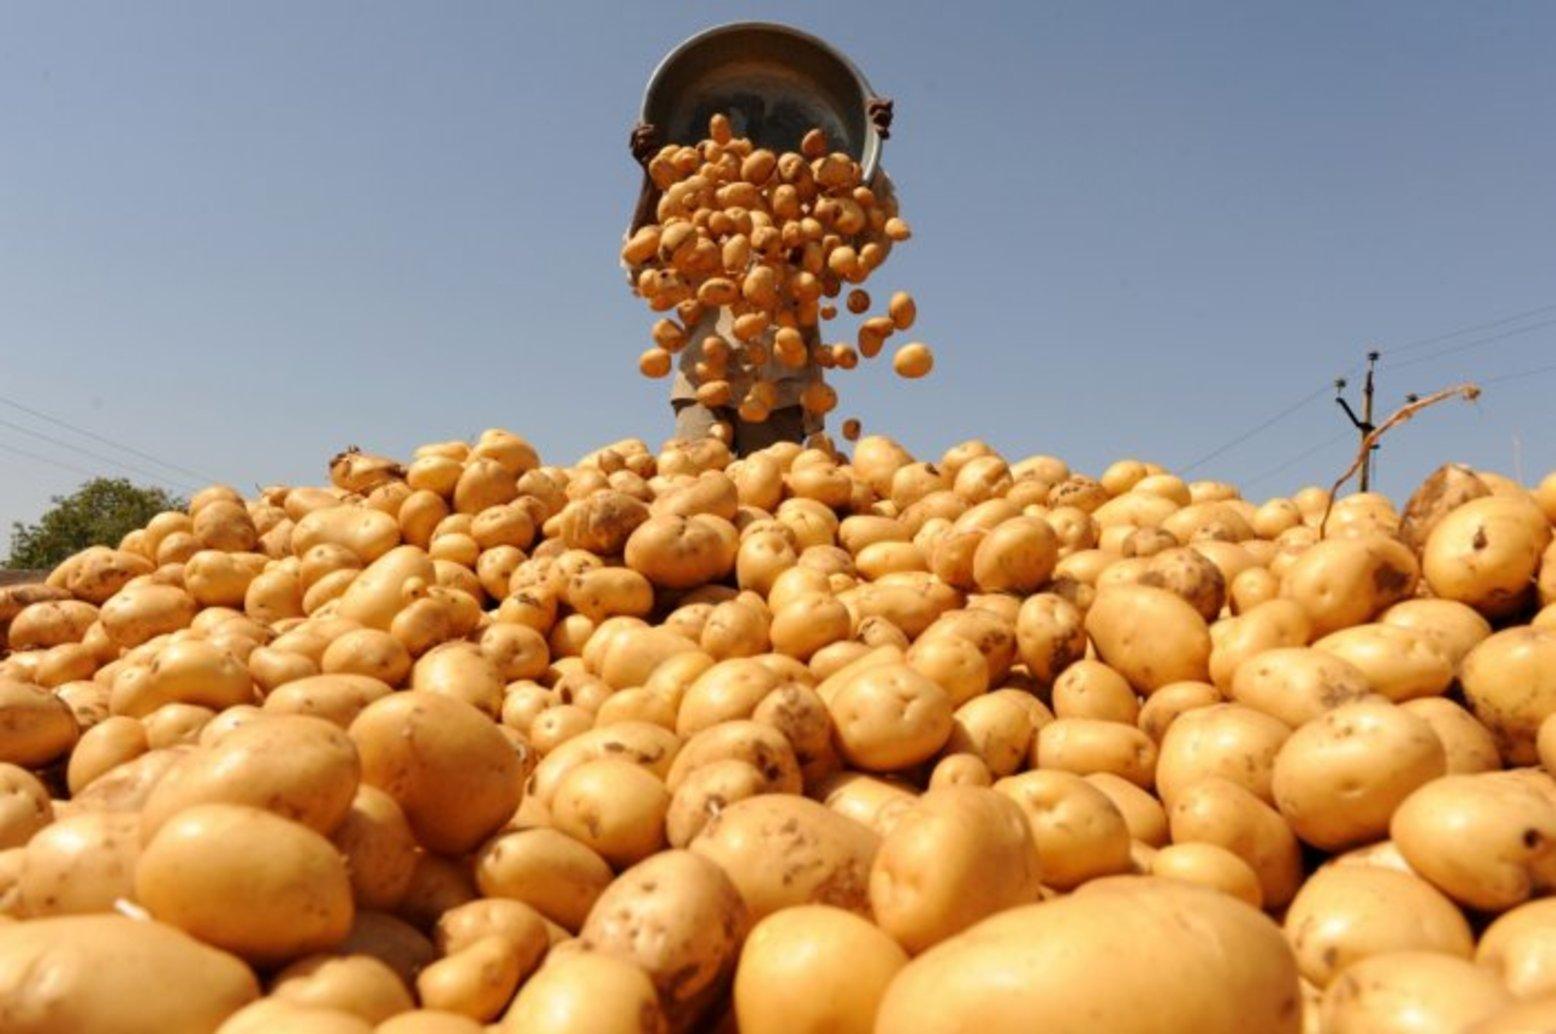 Казахстан заявил о неправомерности возврата Россией картофеля и дынь из-за отсутствия производителей в списке экспортёров